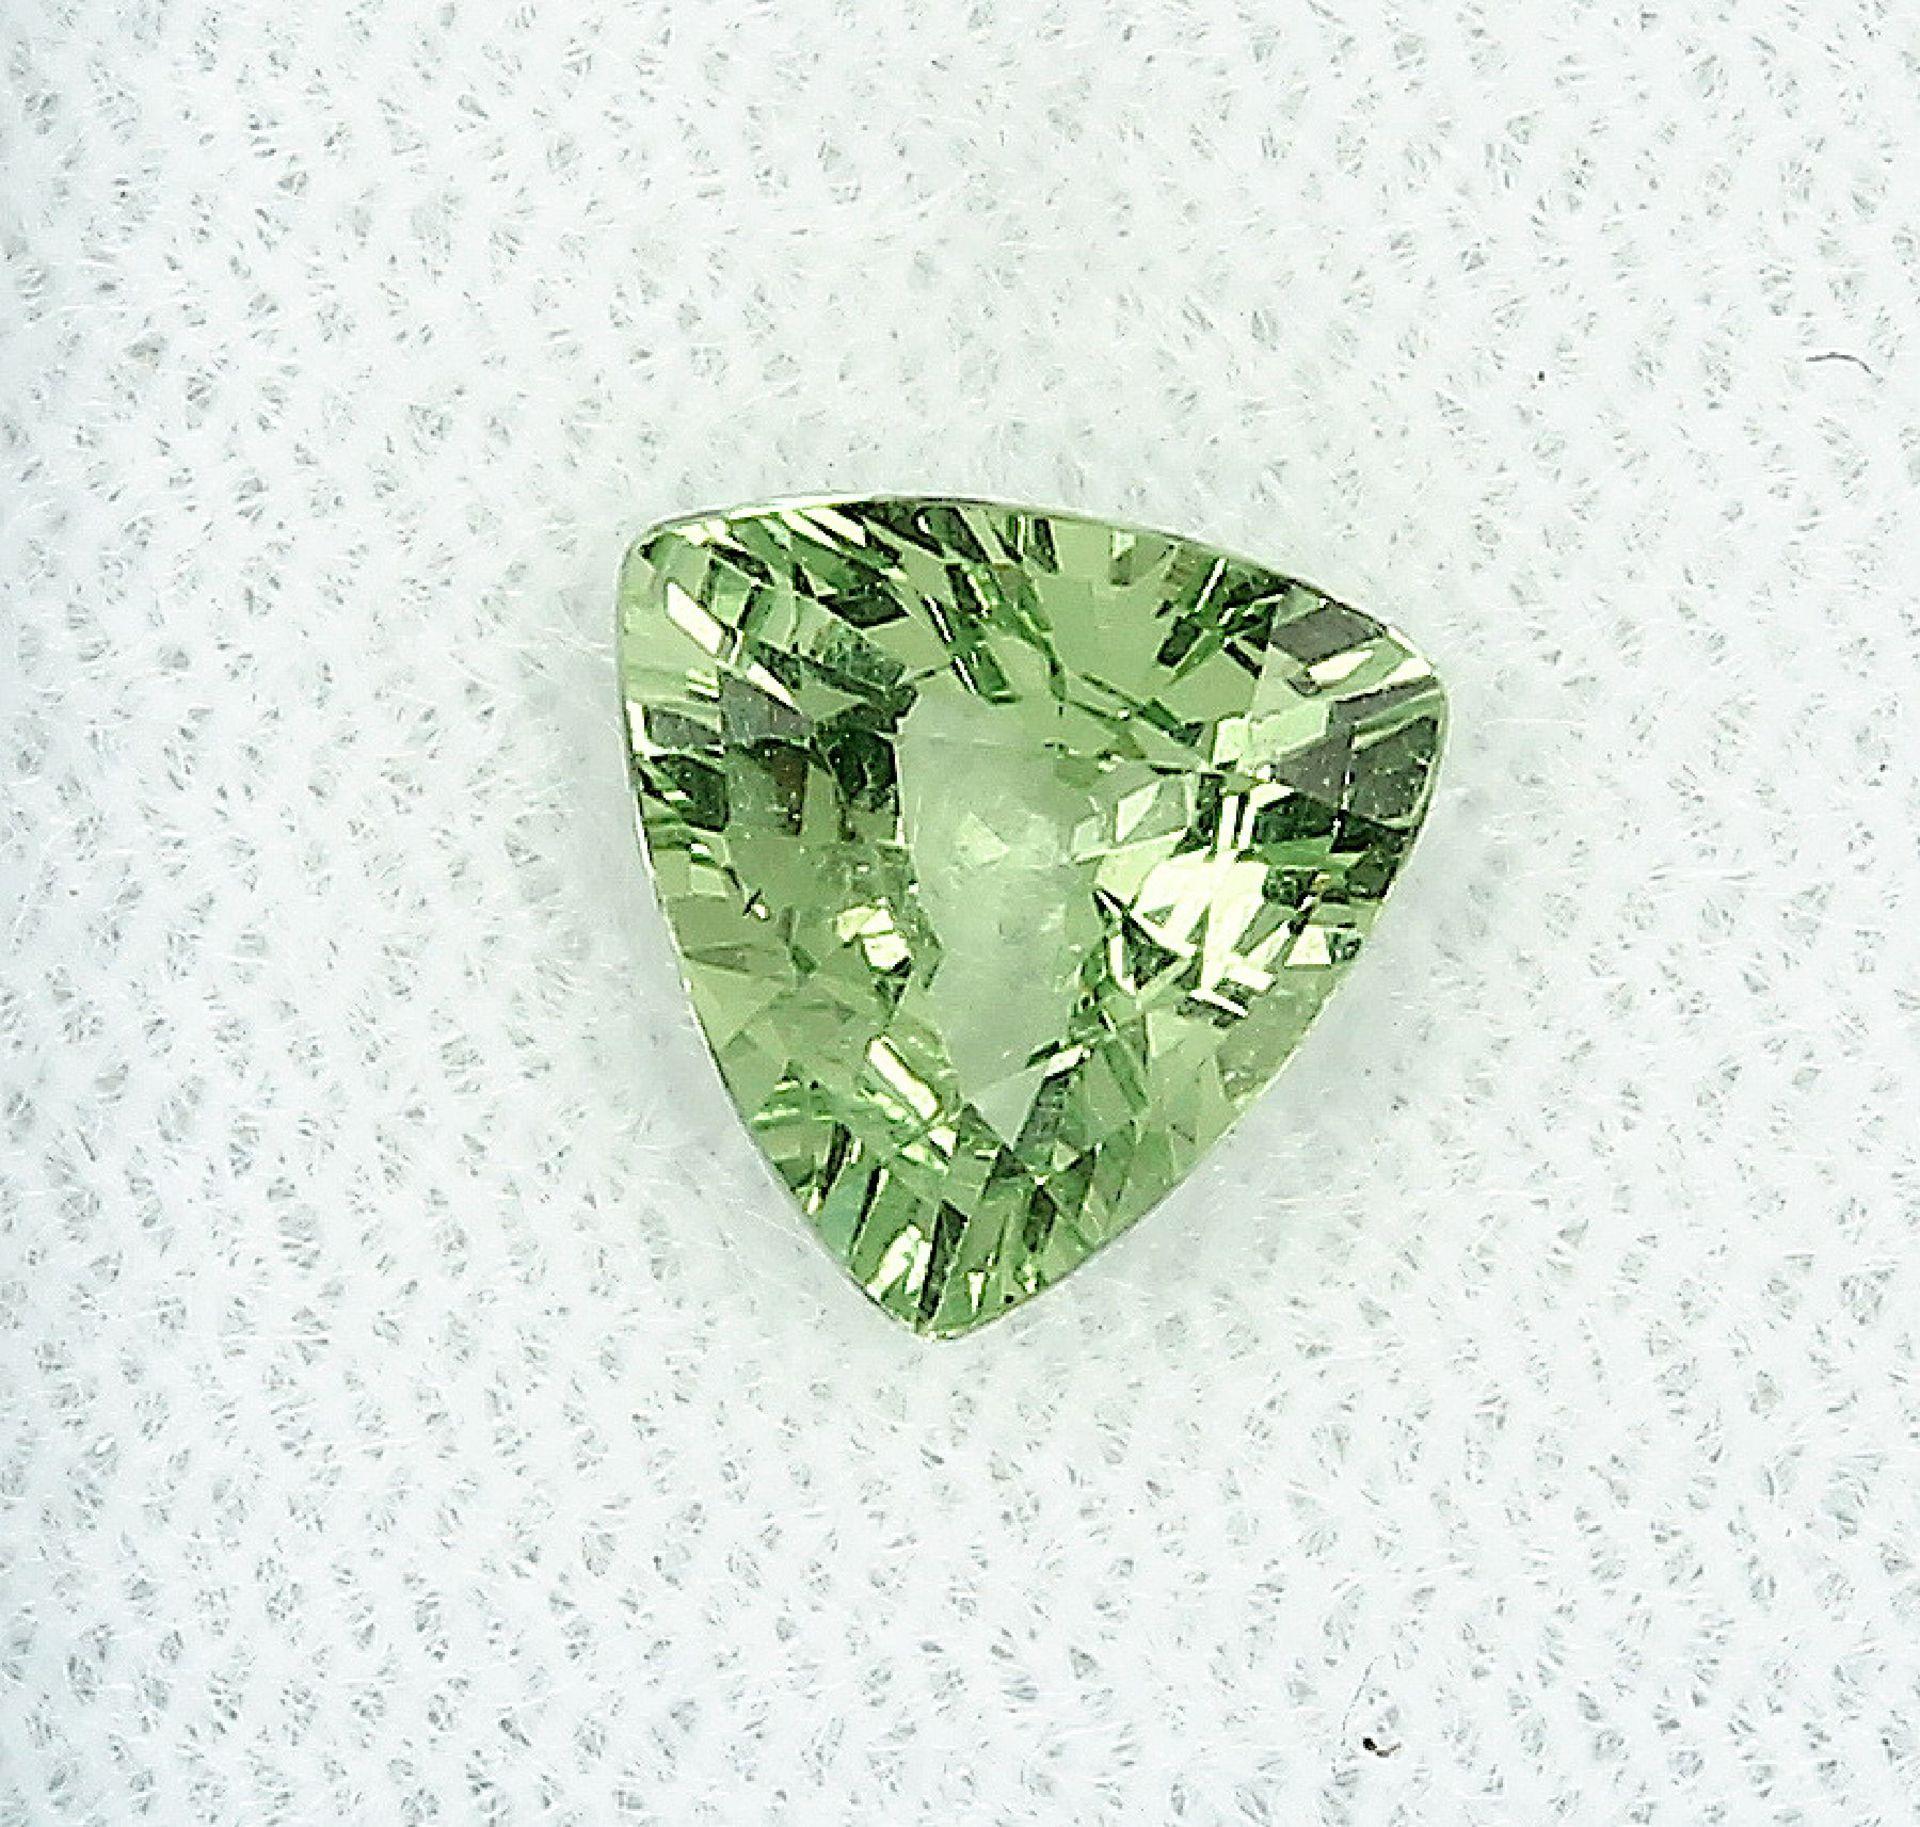 Los 30022 - Lose Granat-Triangel 1.46 ct, yellowish green, 7.34 x 7.80 x 3.97 mm, mit Expertise Schätzpreis: